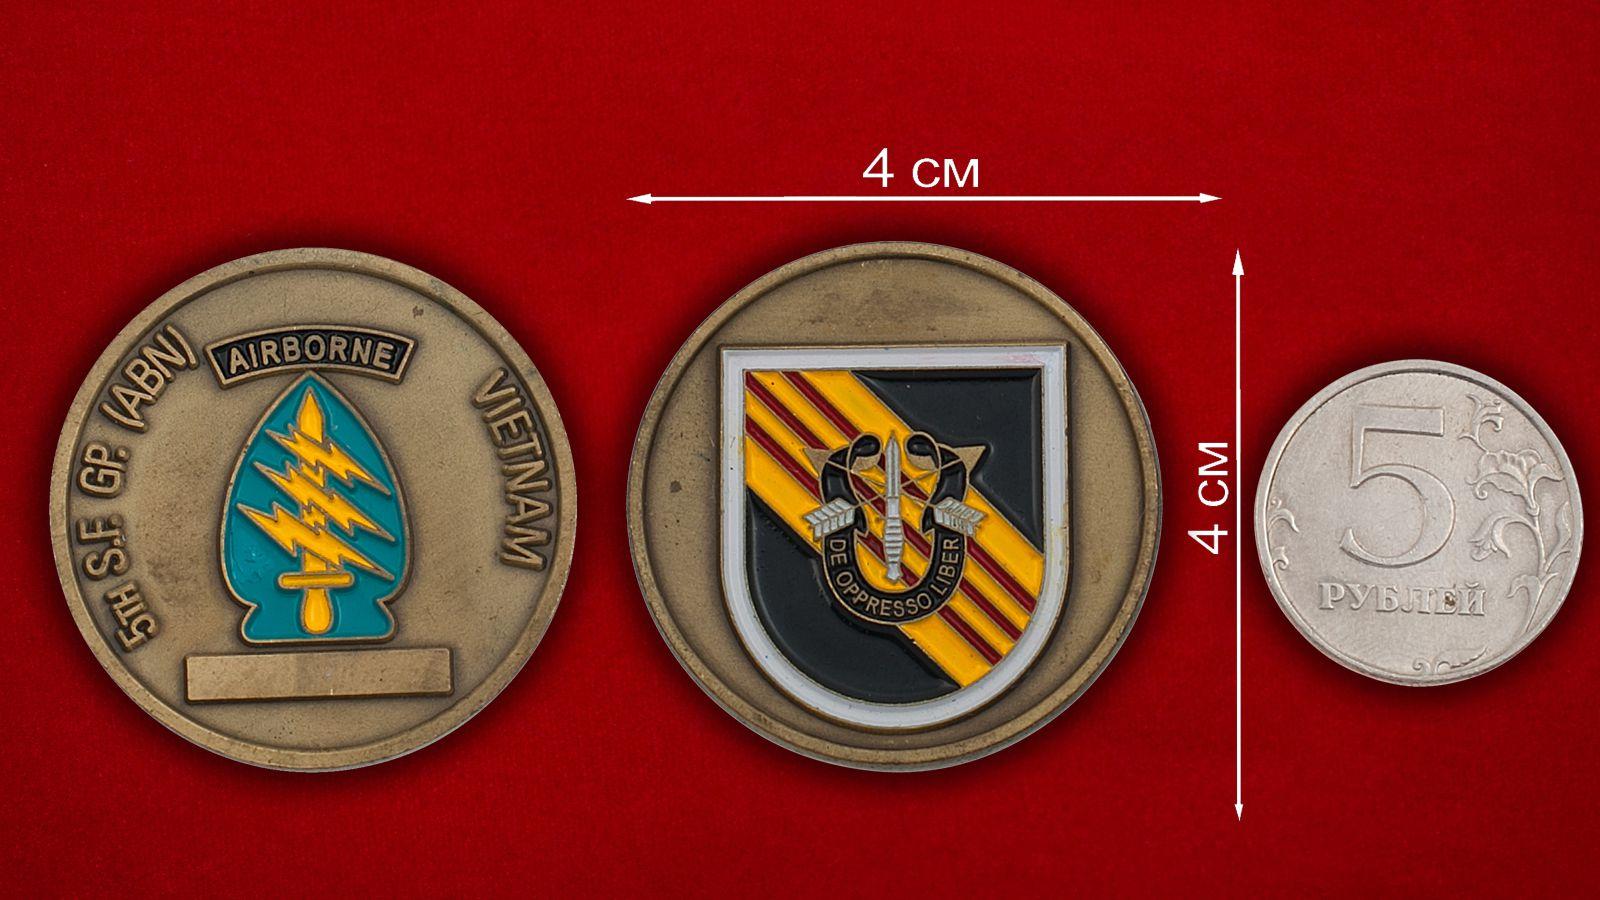 Челлендж коин 5-й оперативной группы спецназа ВДВ США - сравнительный размер